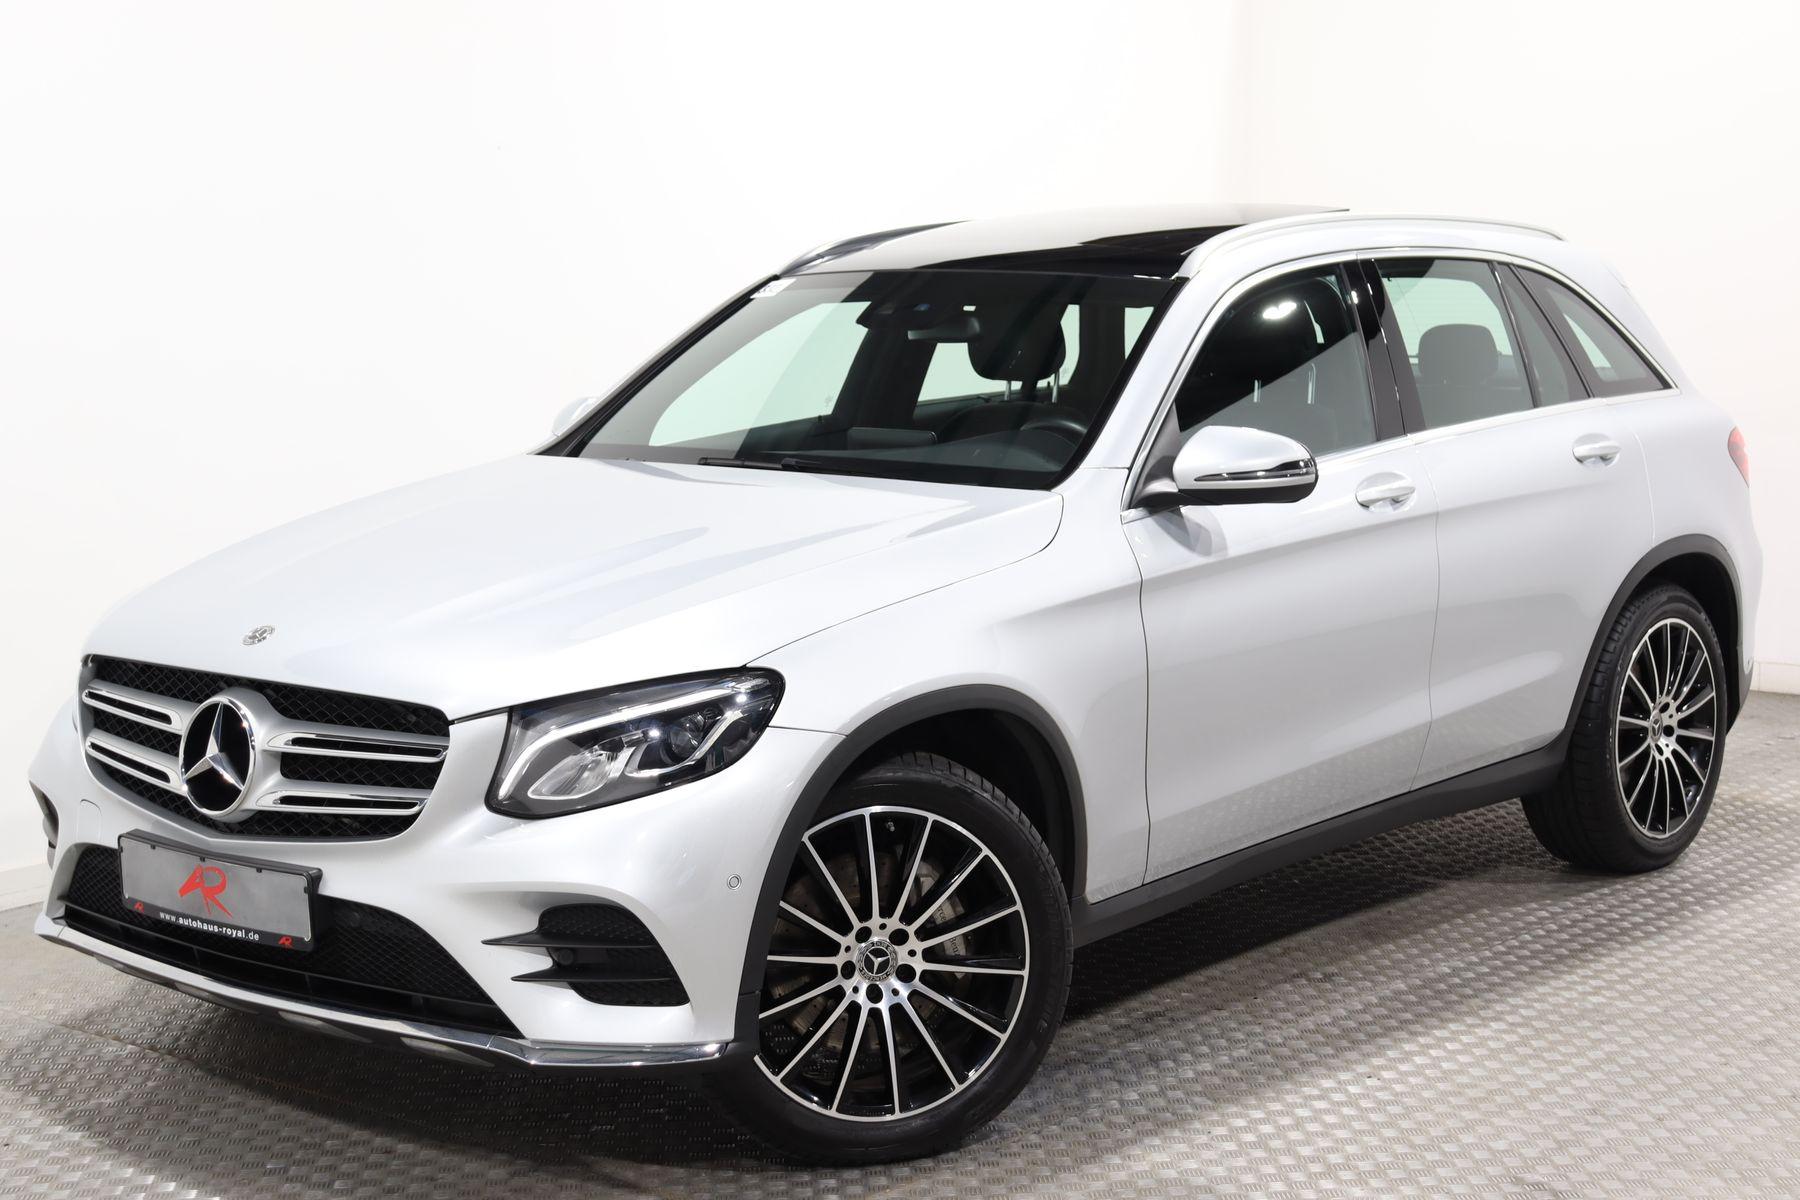 Mercedes-Benz GLC 350 d 4M AMG AIRMATIC,PANO,STANDHEIZ,MEMORY, Jahr 2017, Diesel